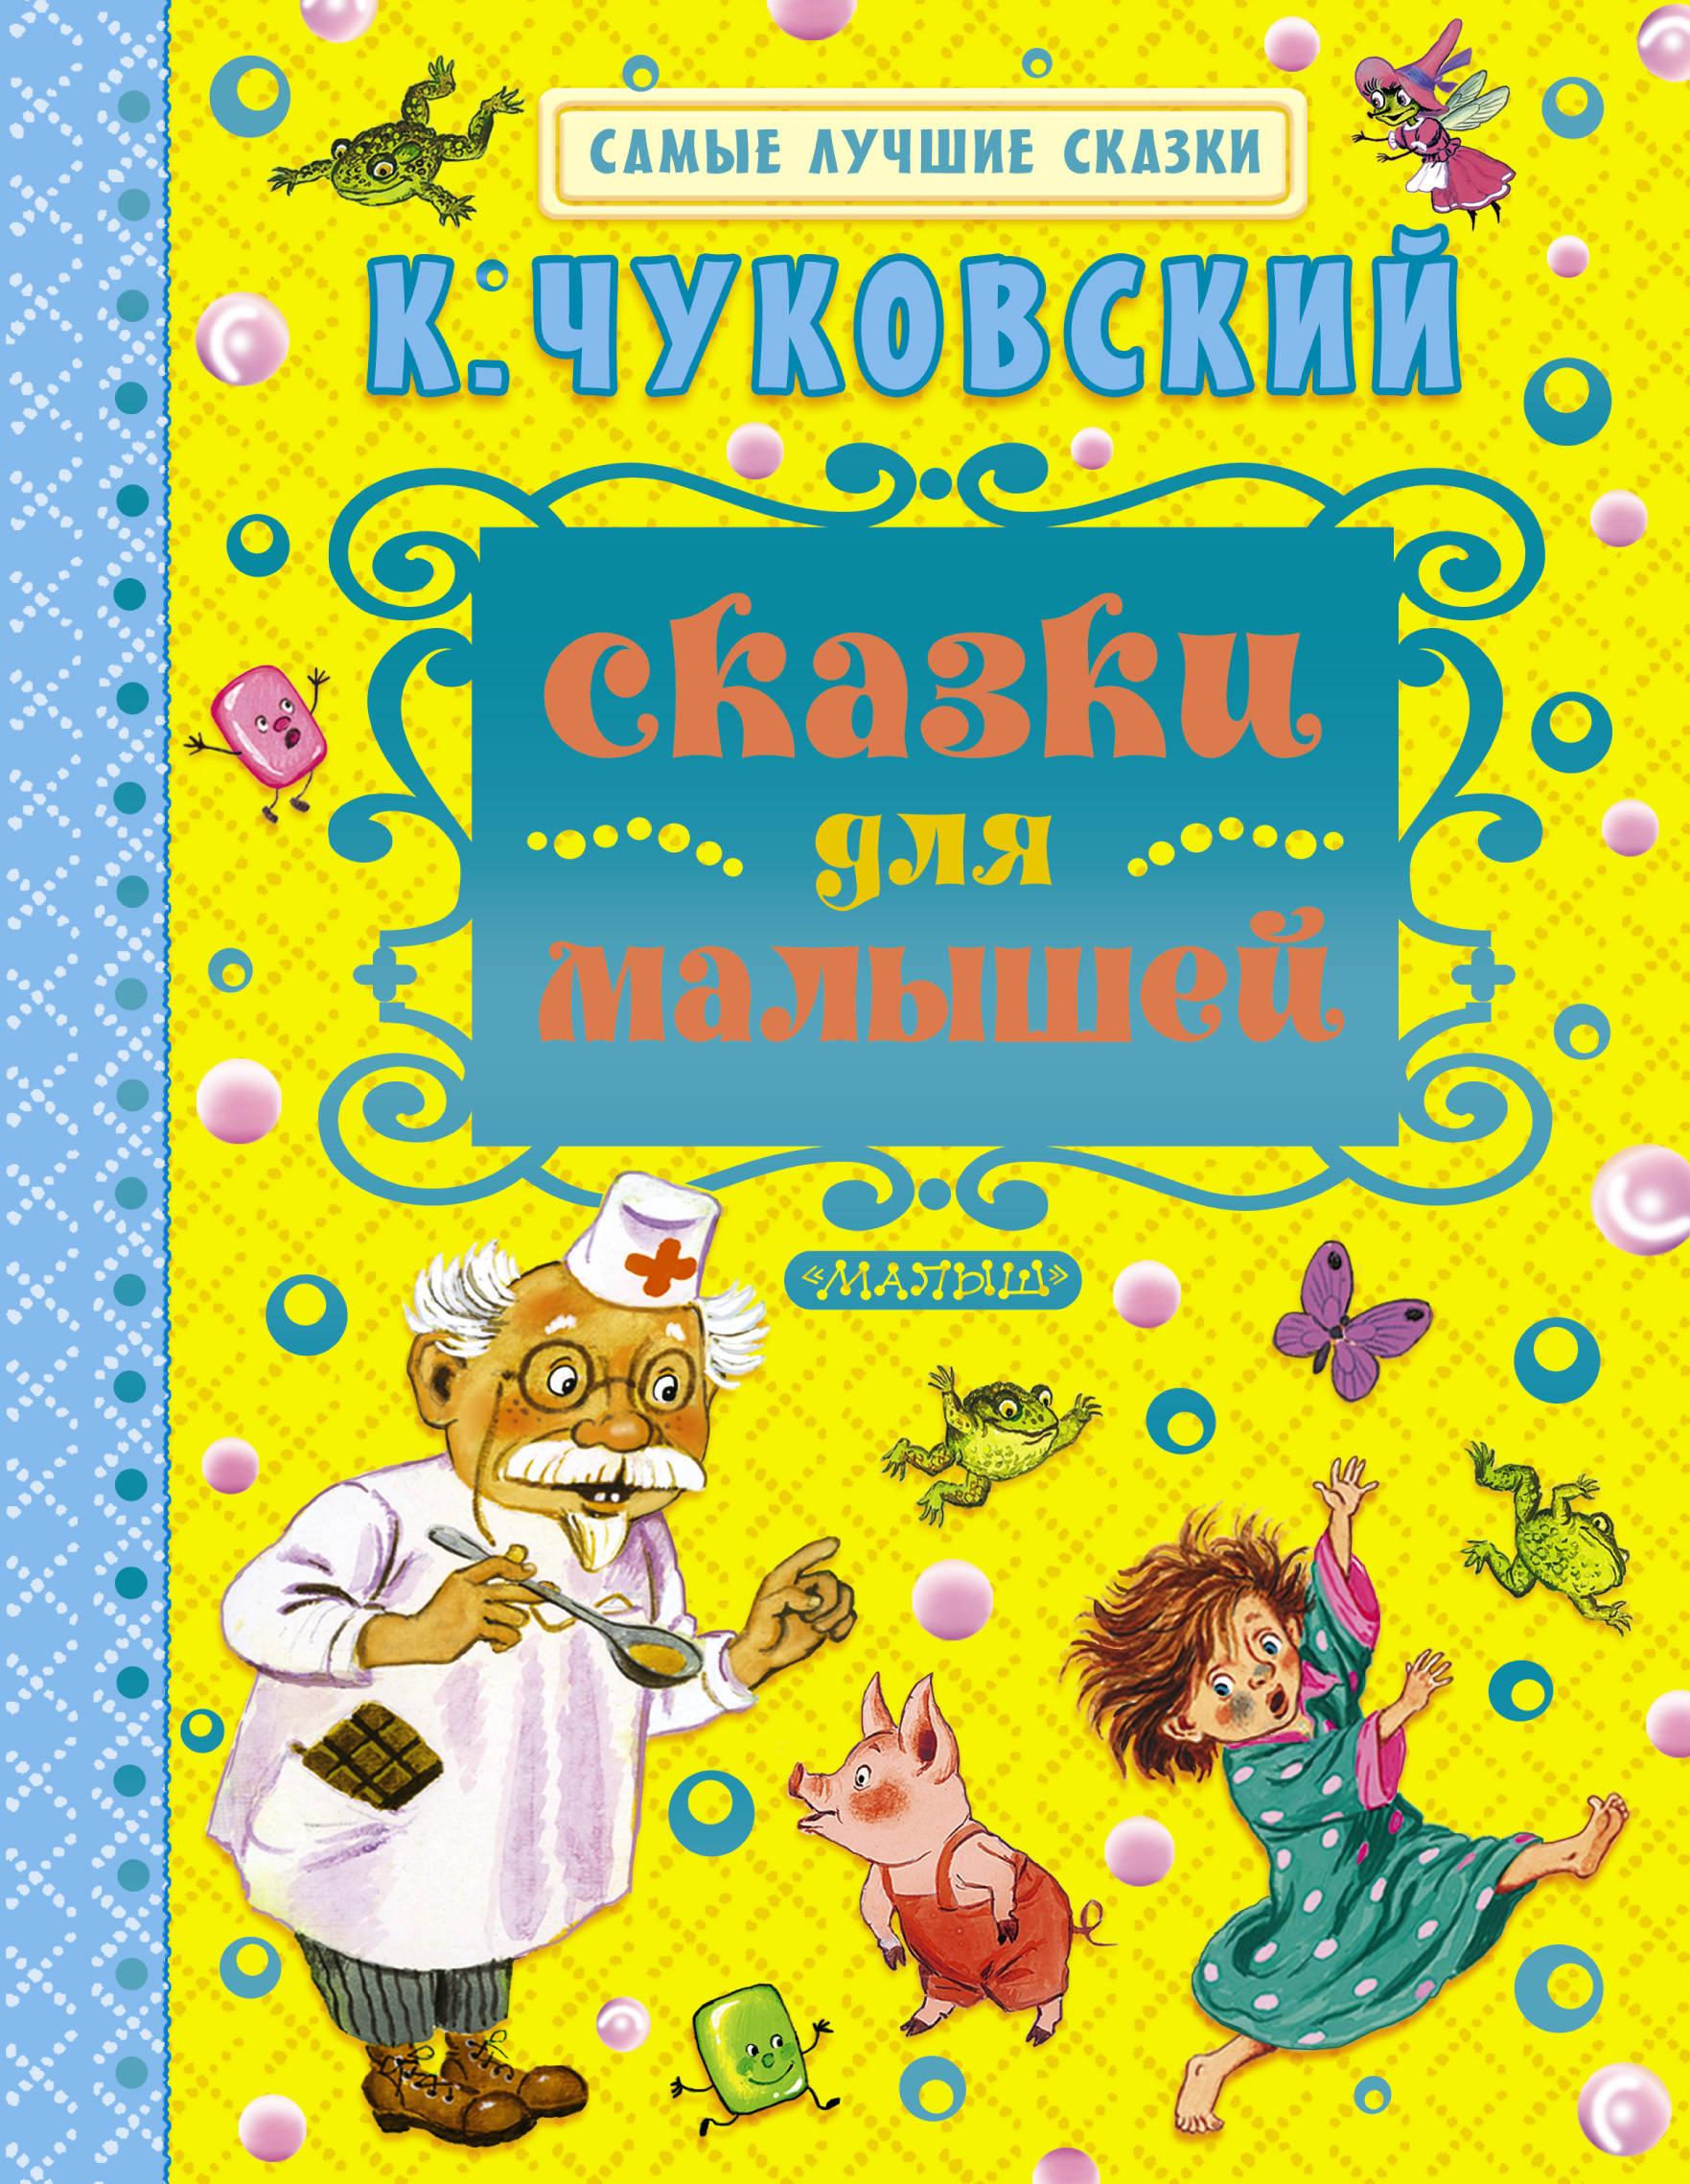 Чуковский К.И. Сказки для малышей вундеркинд с пеленок лучшие сказки для малышей dvd